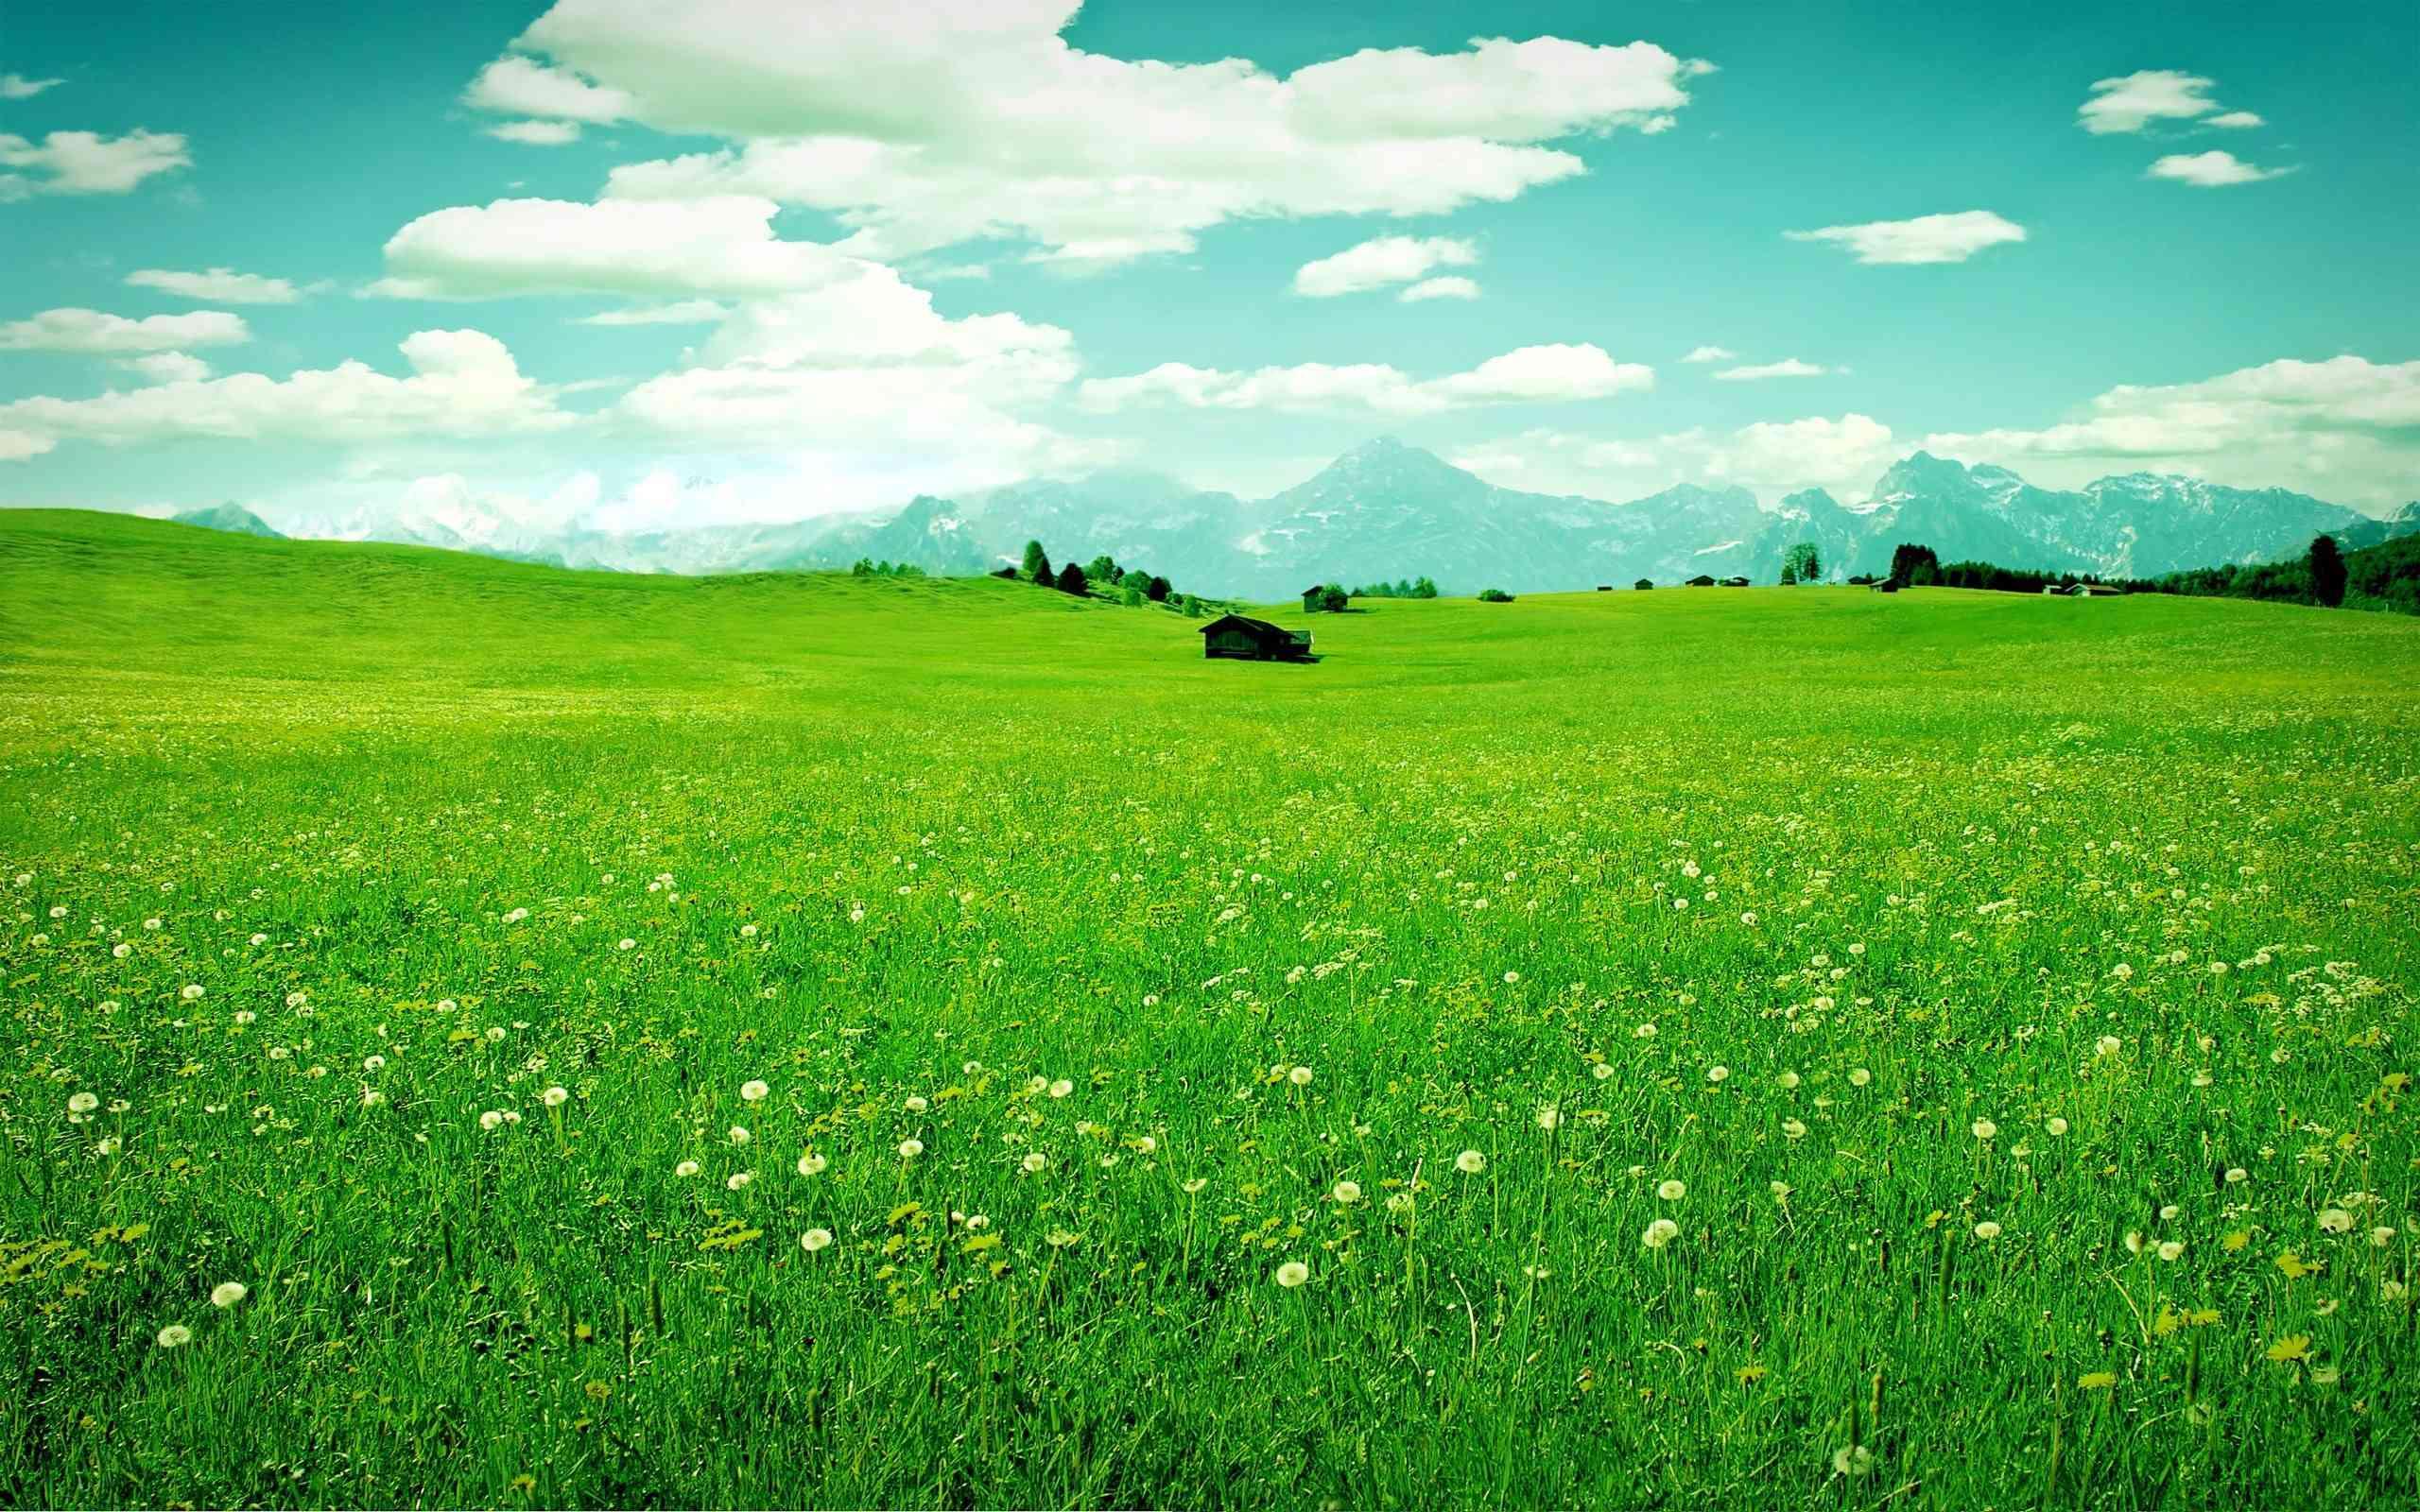 Grass nature wallpaper